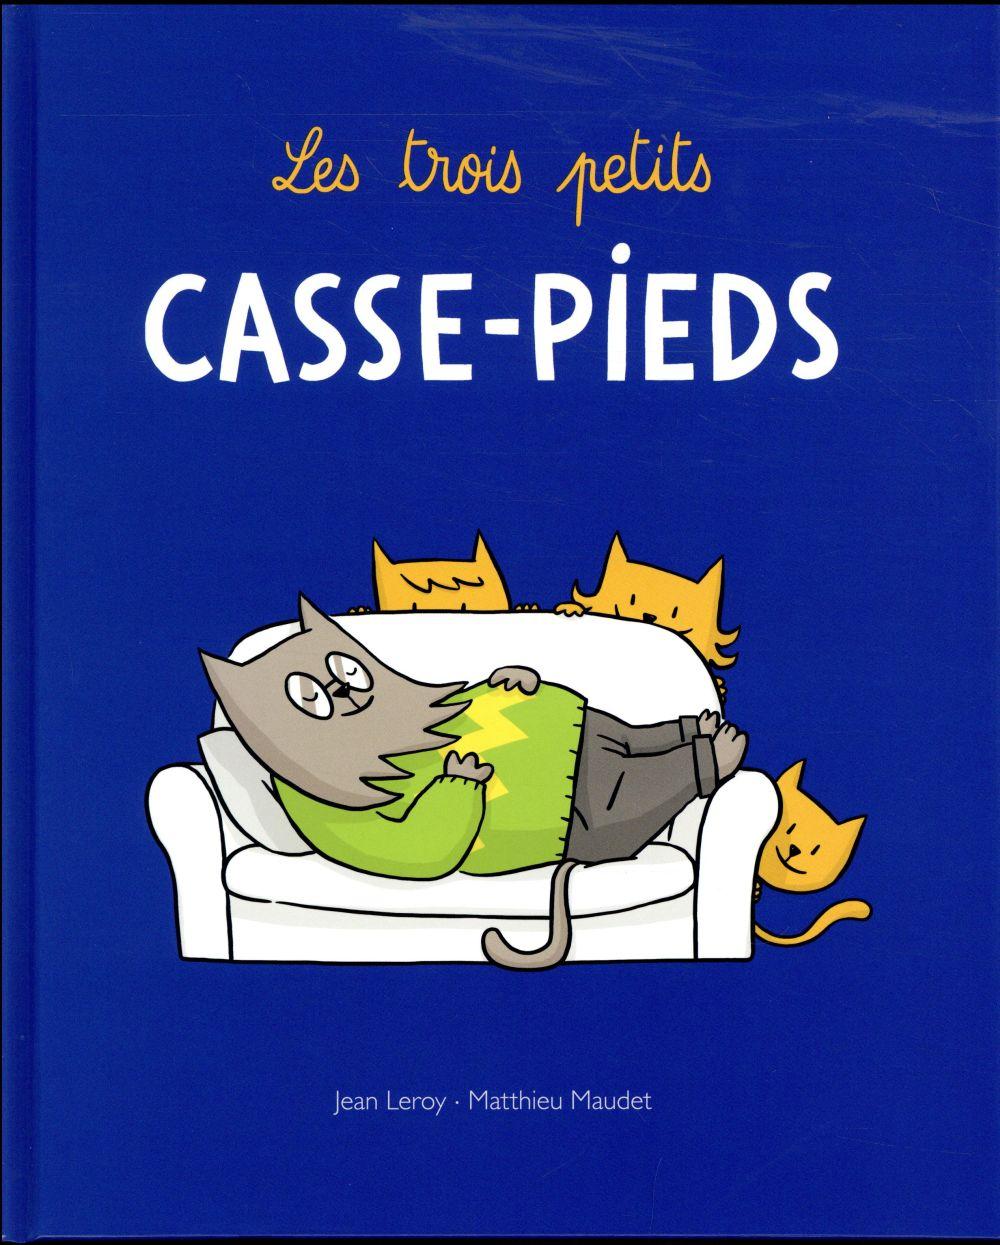 LES TROIS PETITS CASSE-PIEDS